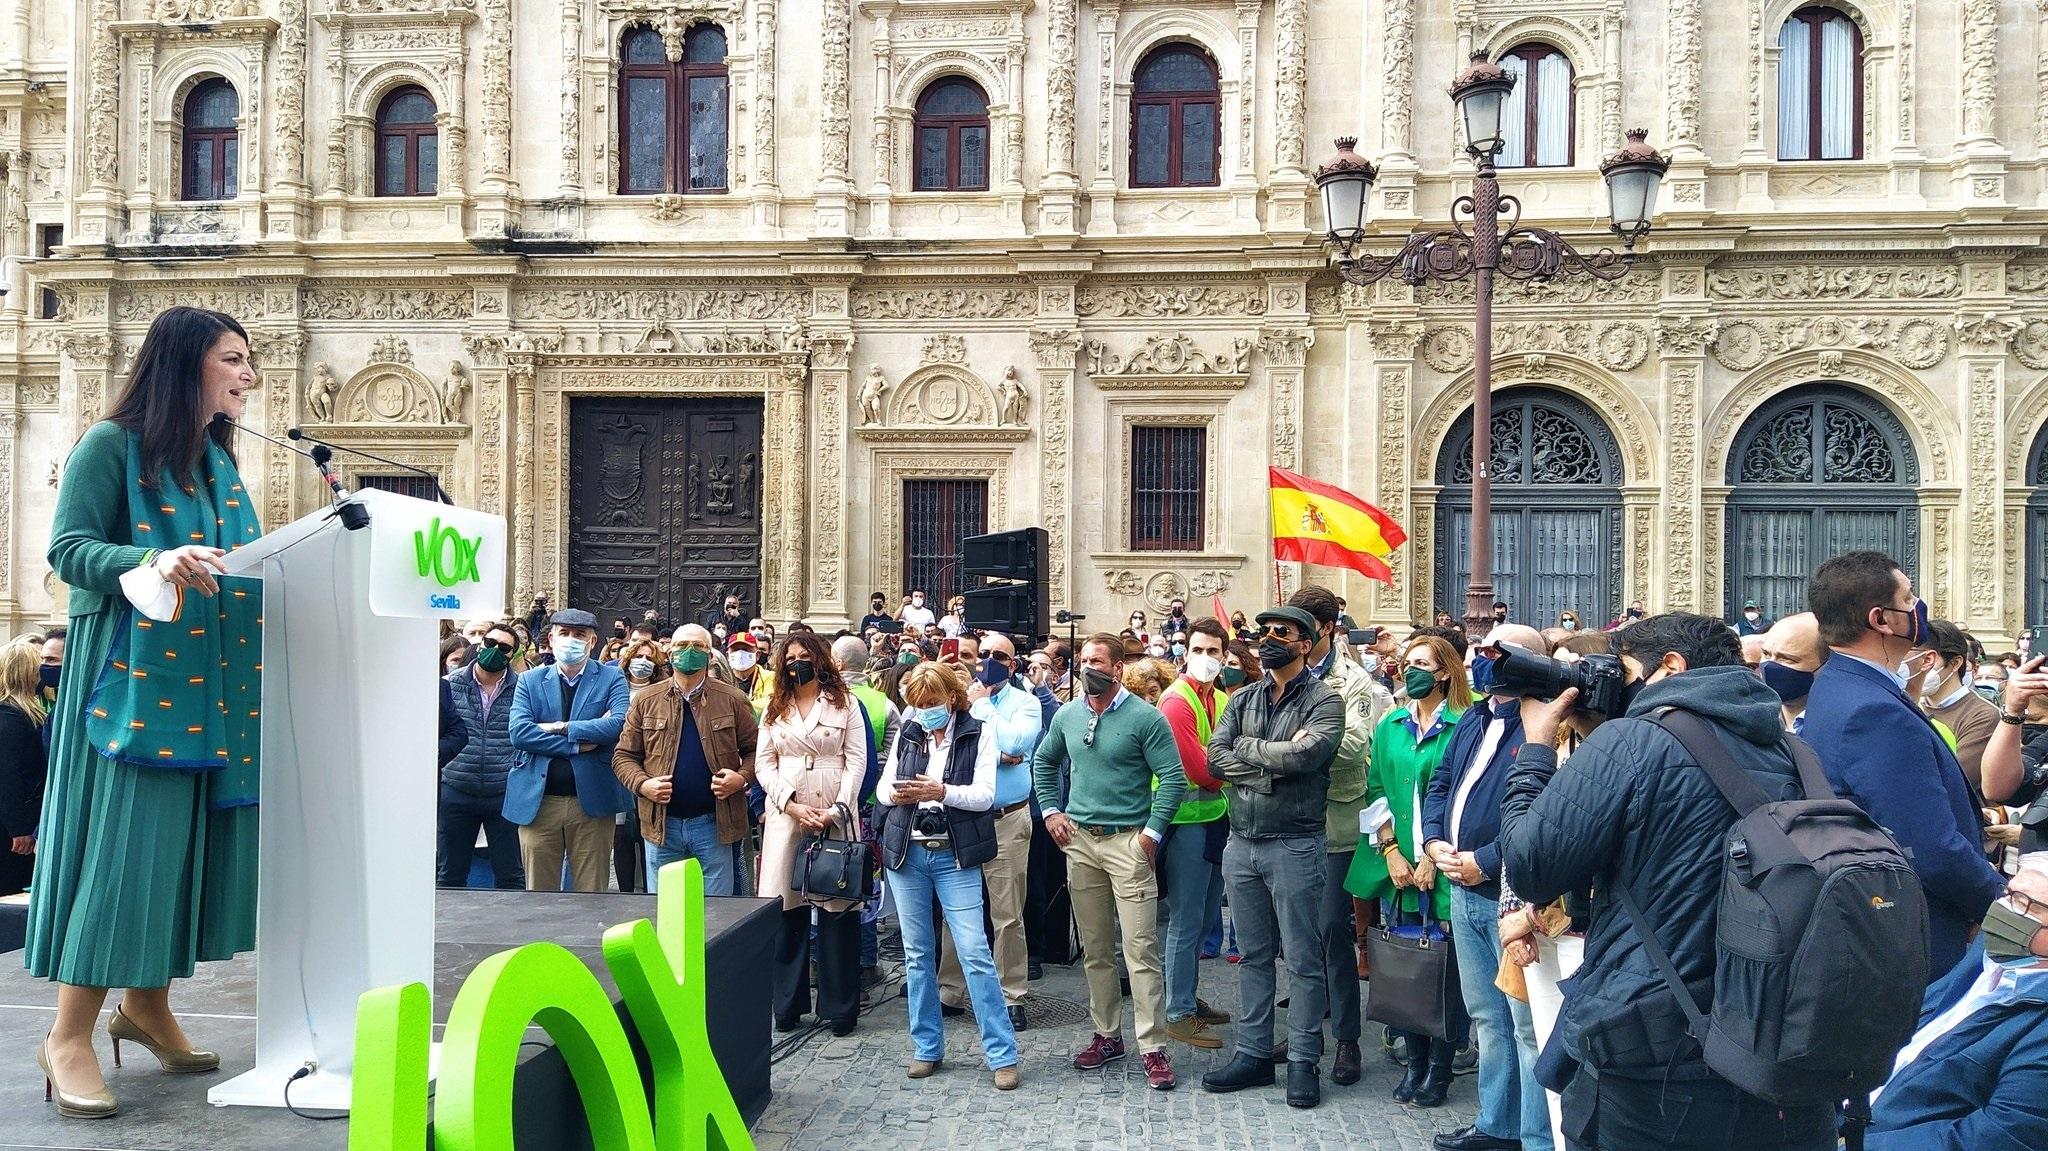 La portavoz adjunta de Vox en el Congreso de los Diputados, Macarena Olona, este 28F en Sevilla